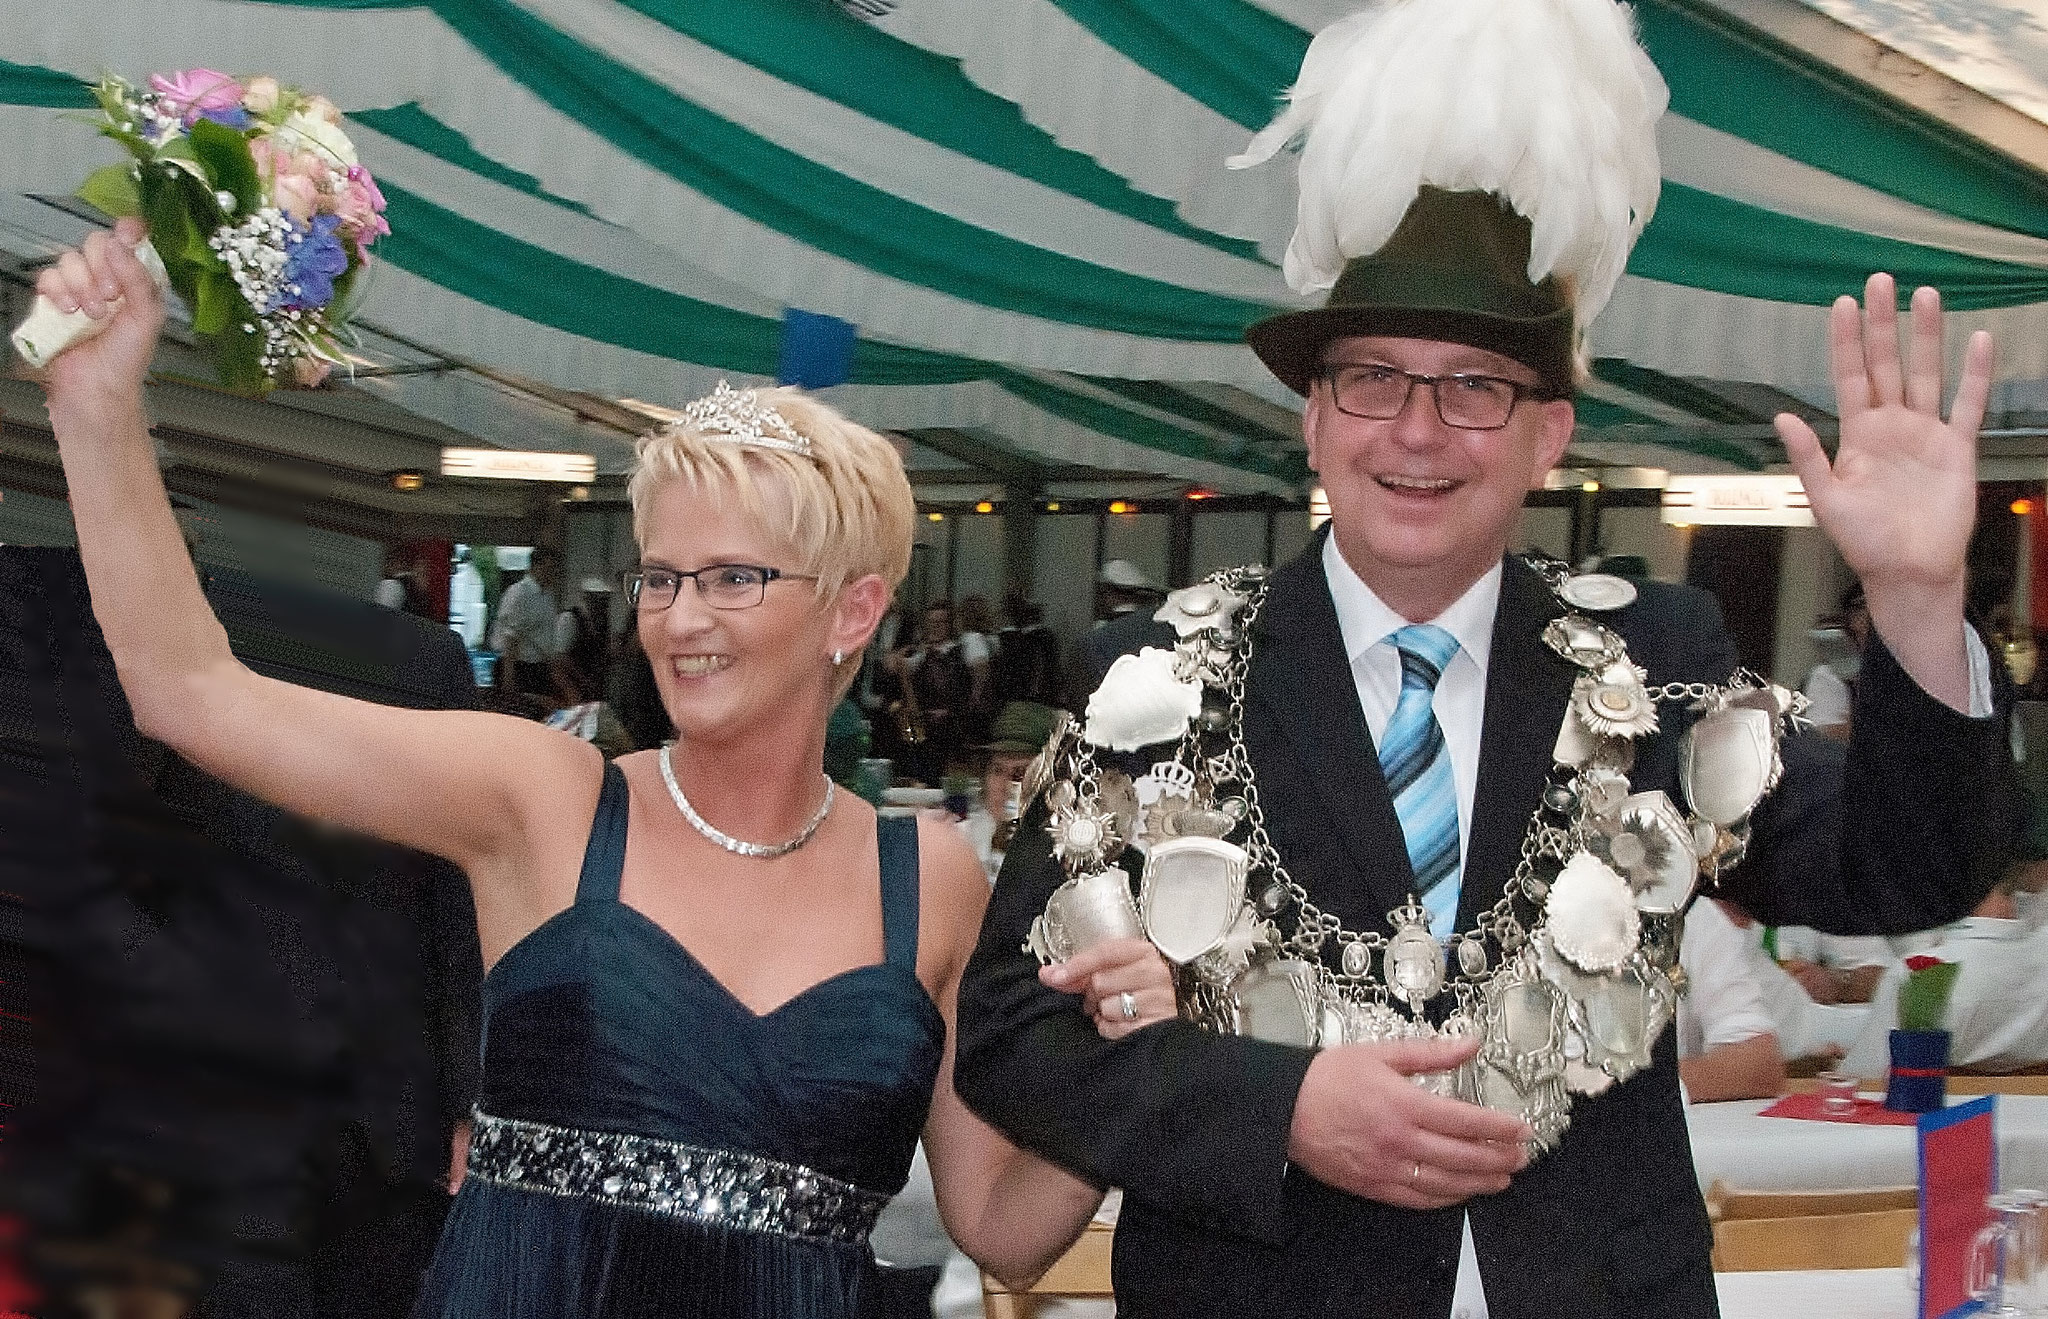 König Martin Scholz und Frau Angelika im Jahr 2013